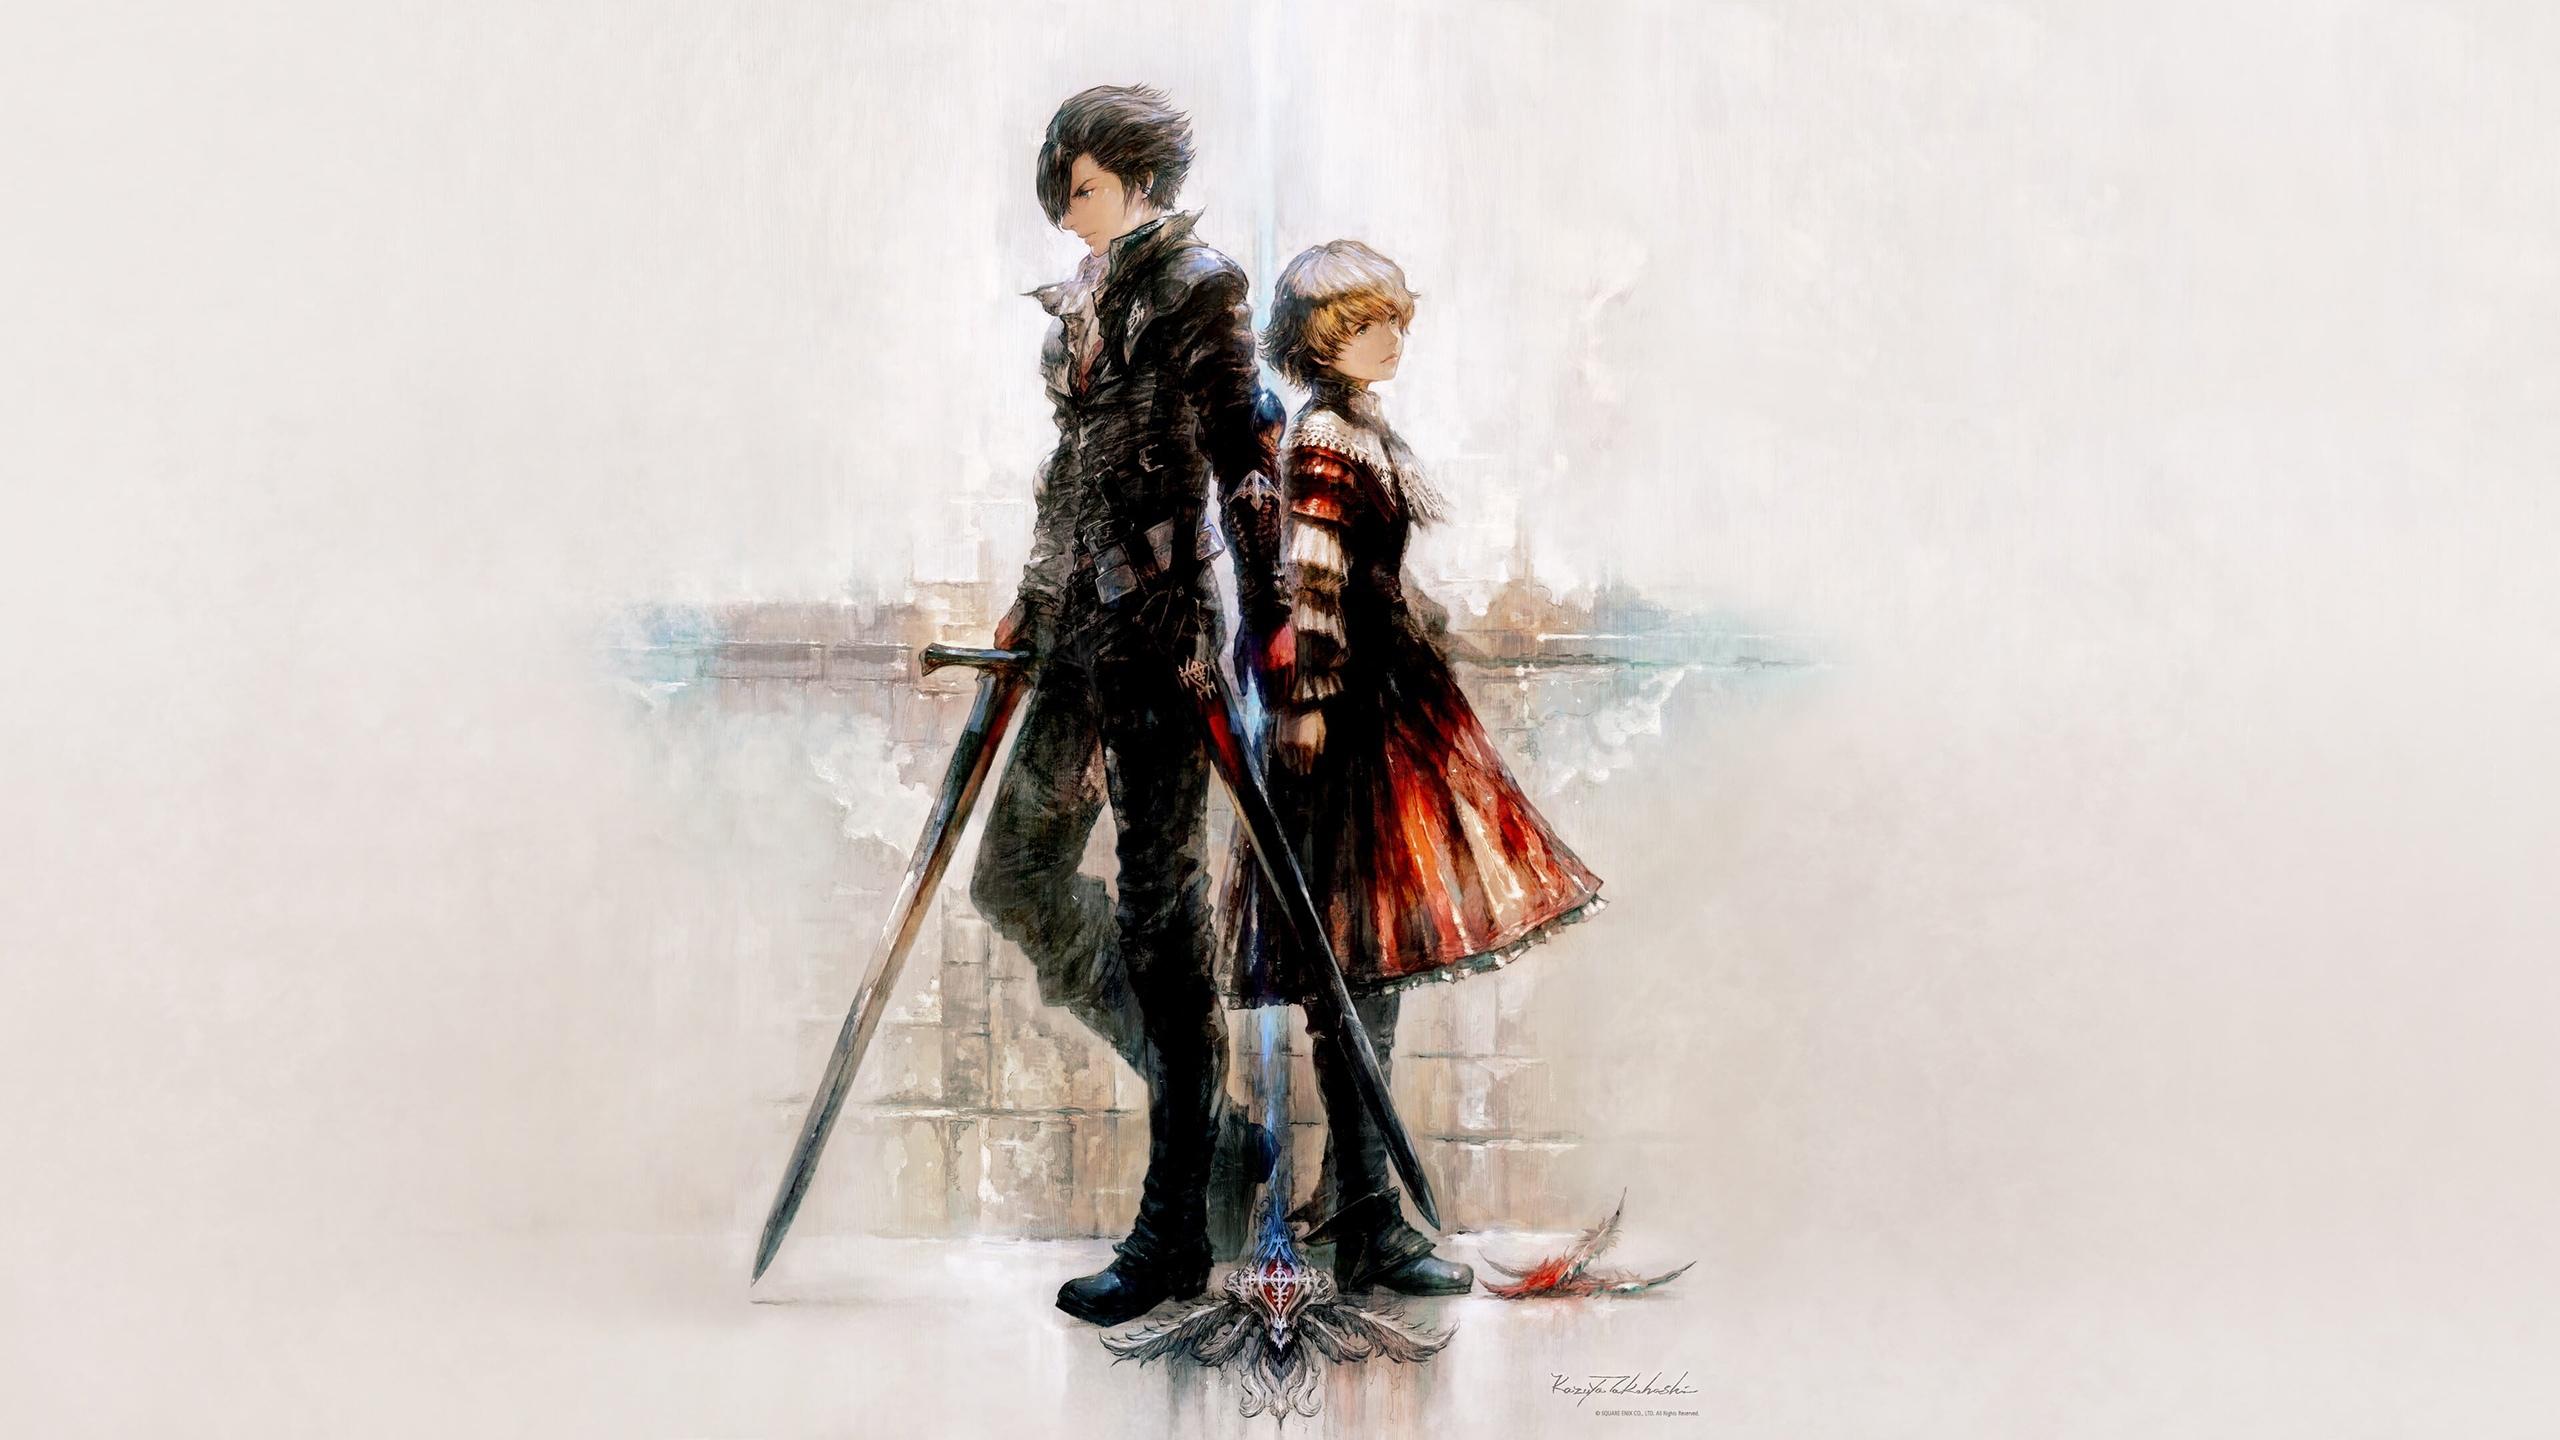 Продюсер Final Fantasy 16 Наоки Ёсида рассказал, что сценарий игры уже завершен